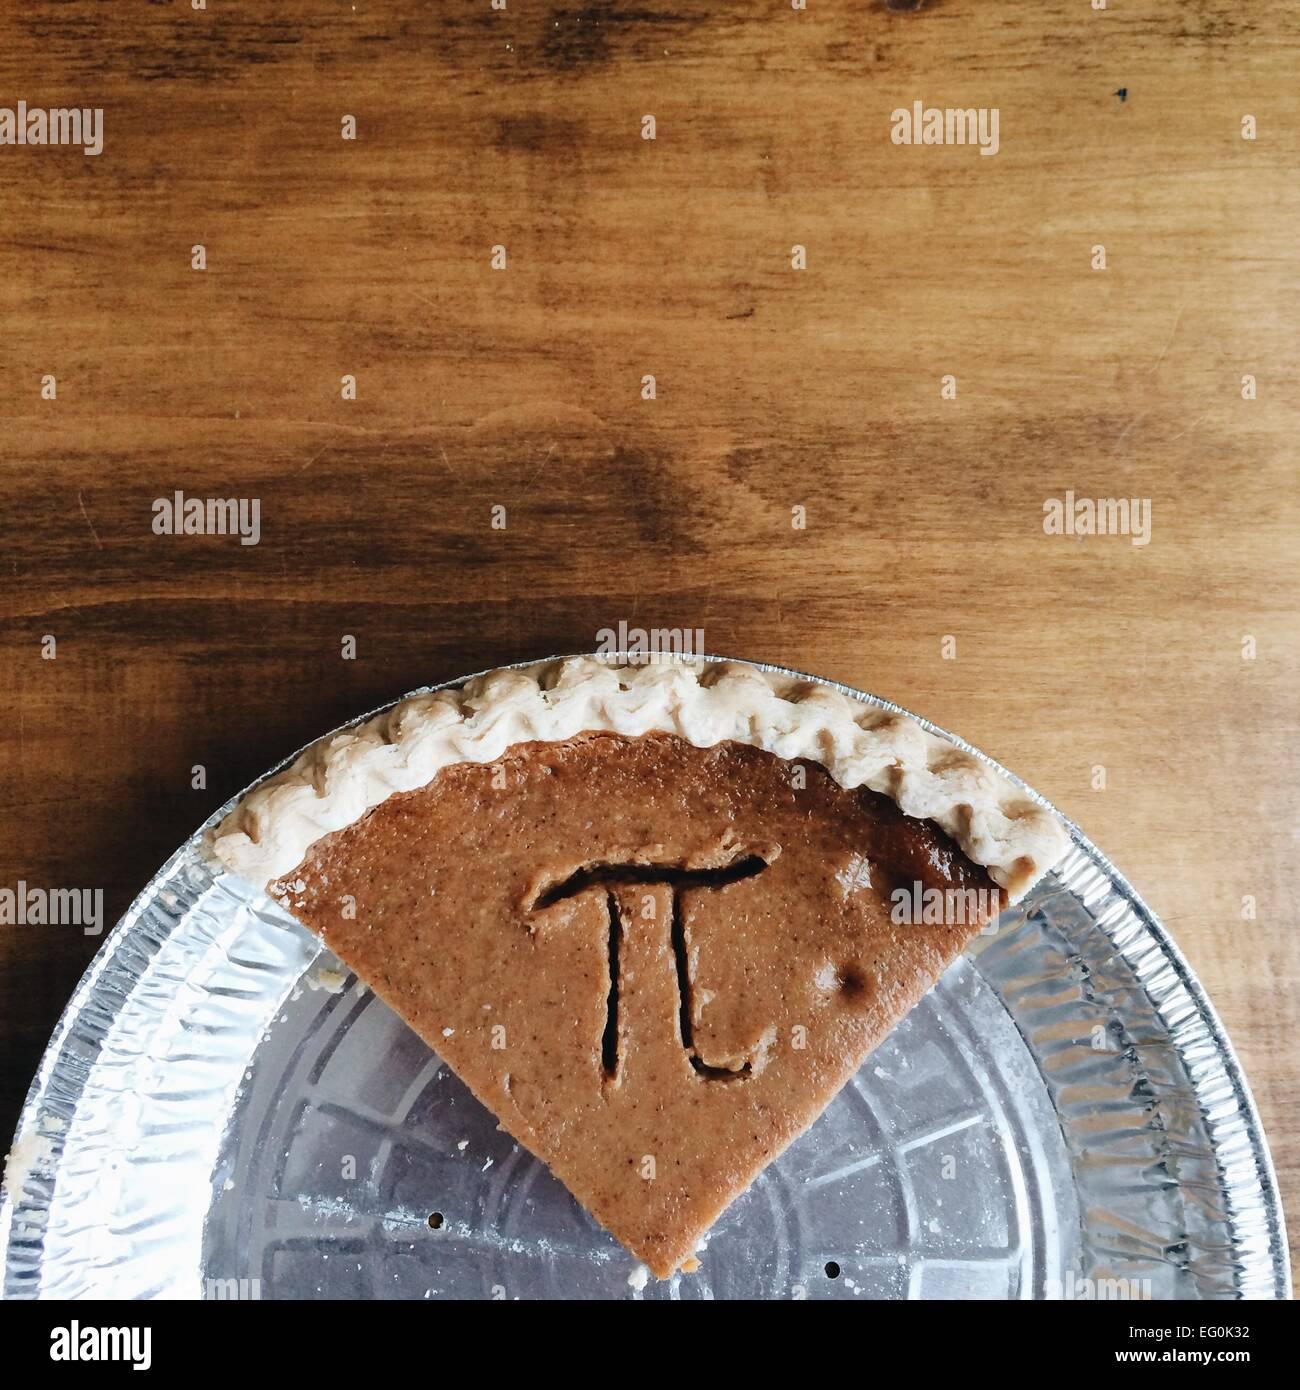 Kürbiskuchen mit Pi-symbol Stockbild